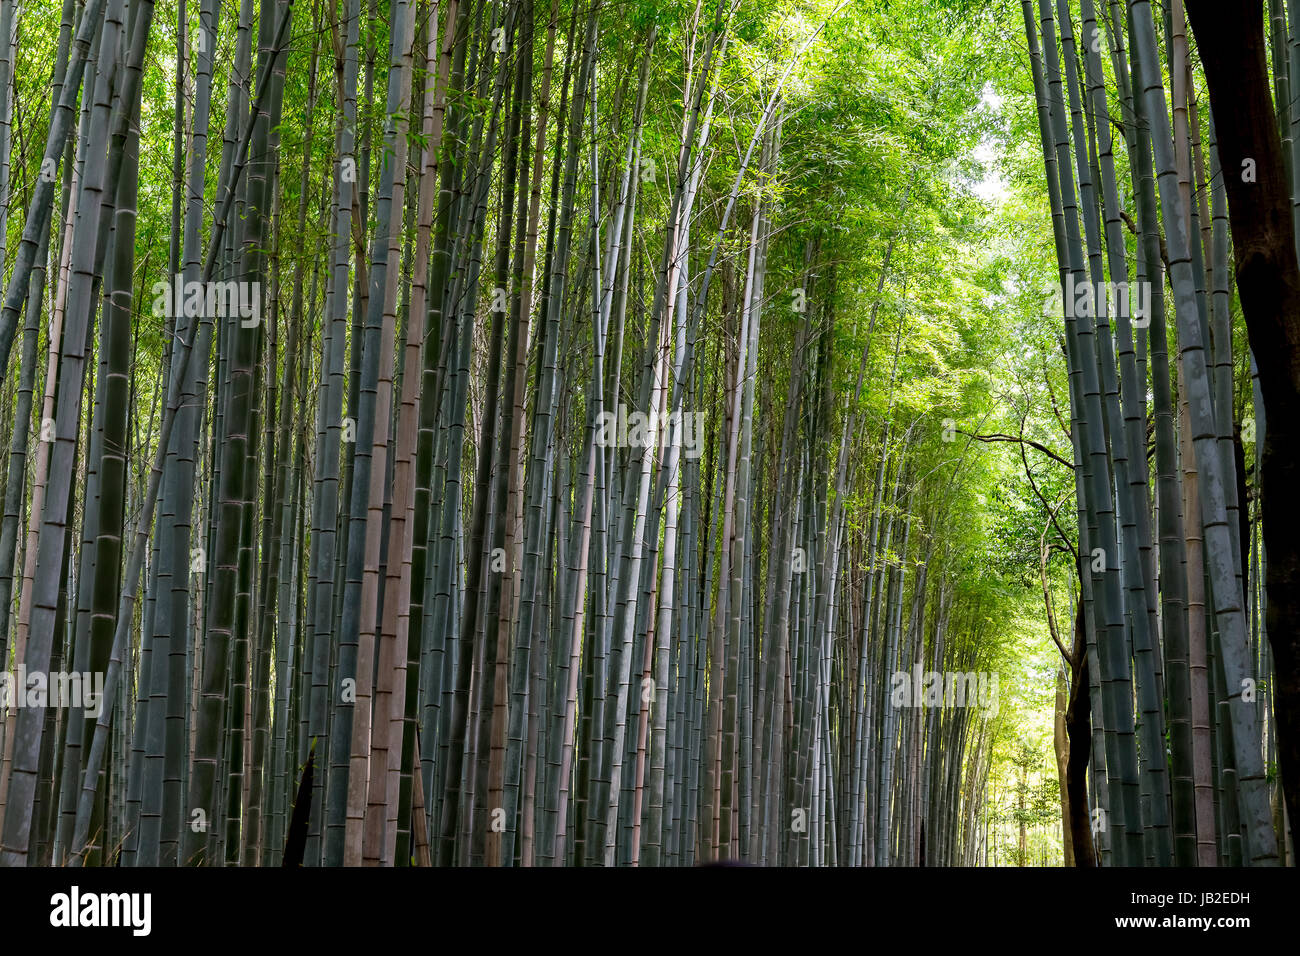 Forêt de bambous d'Arashiyama, à Kyoto, au Japon. Photo Stock